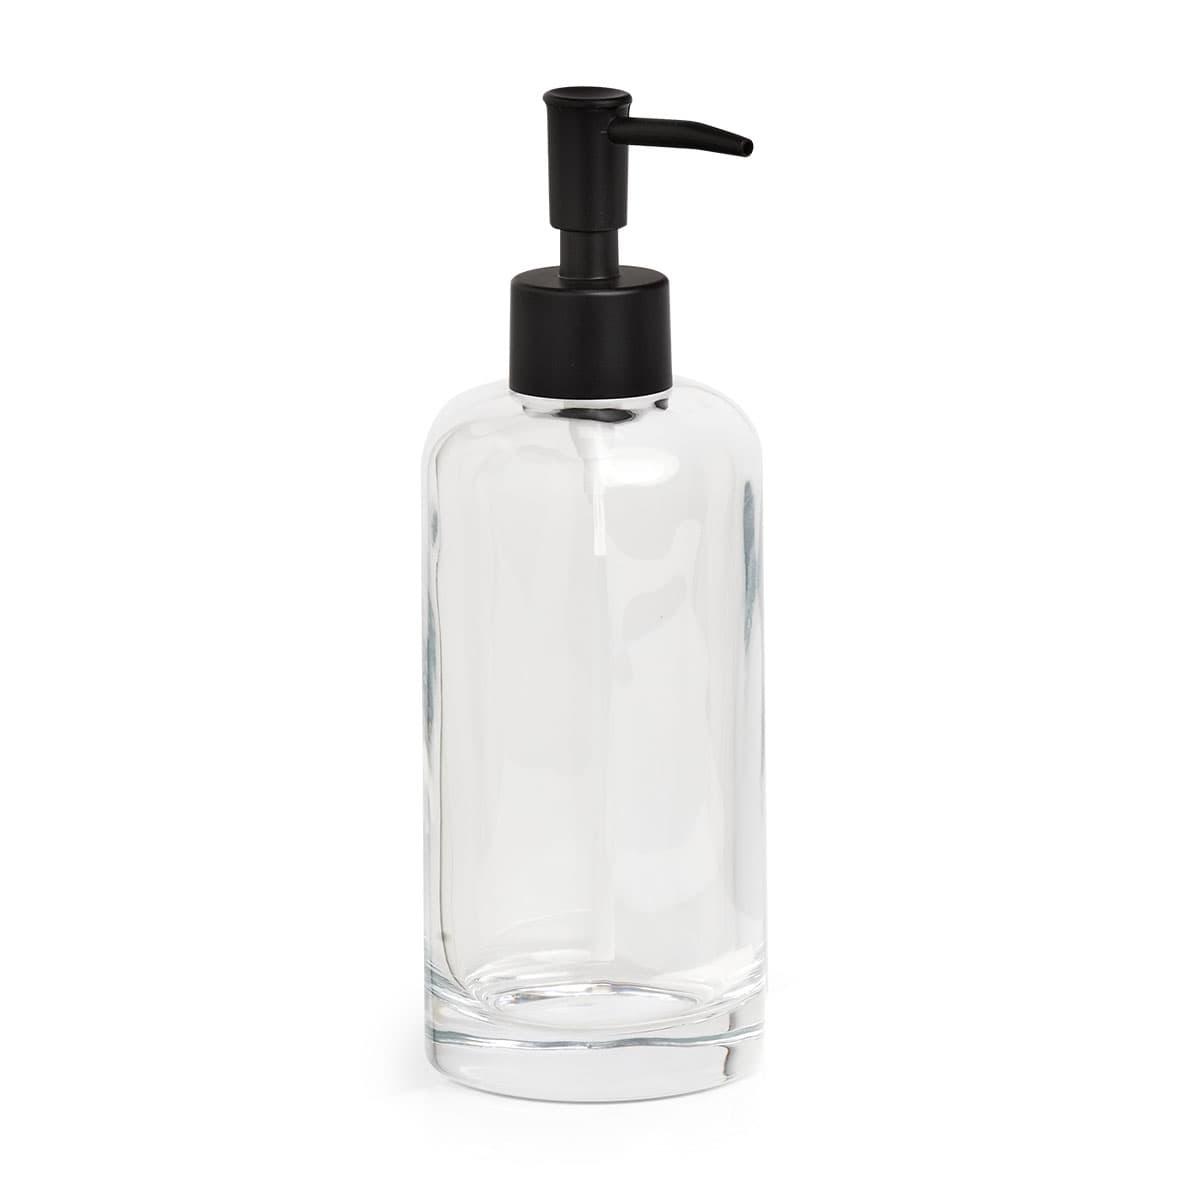 Dozator pentru sapun din sticla, Clear Transparent, Ø6,9xH20,2 cm imagine